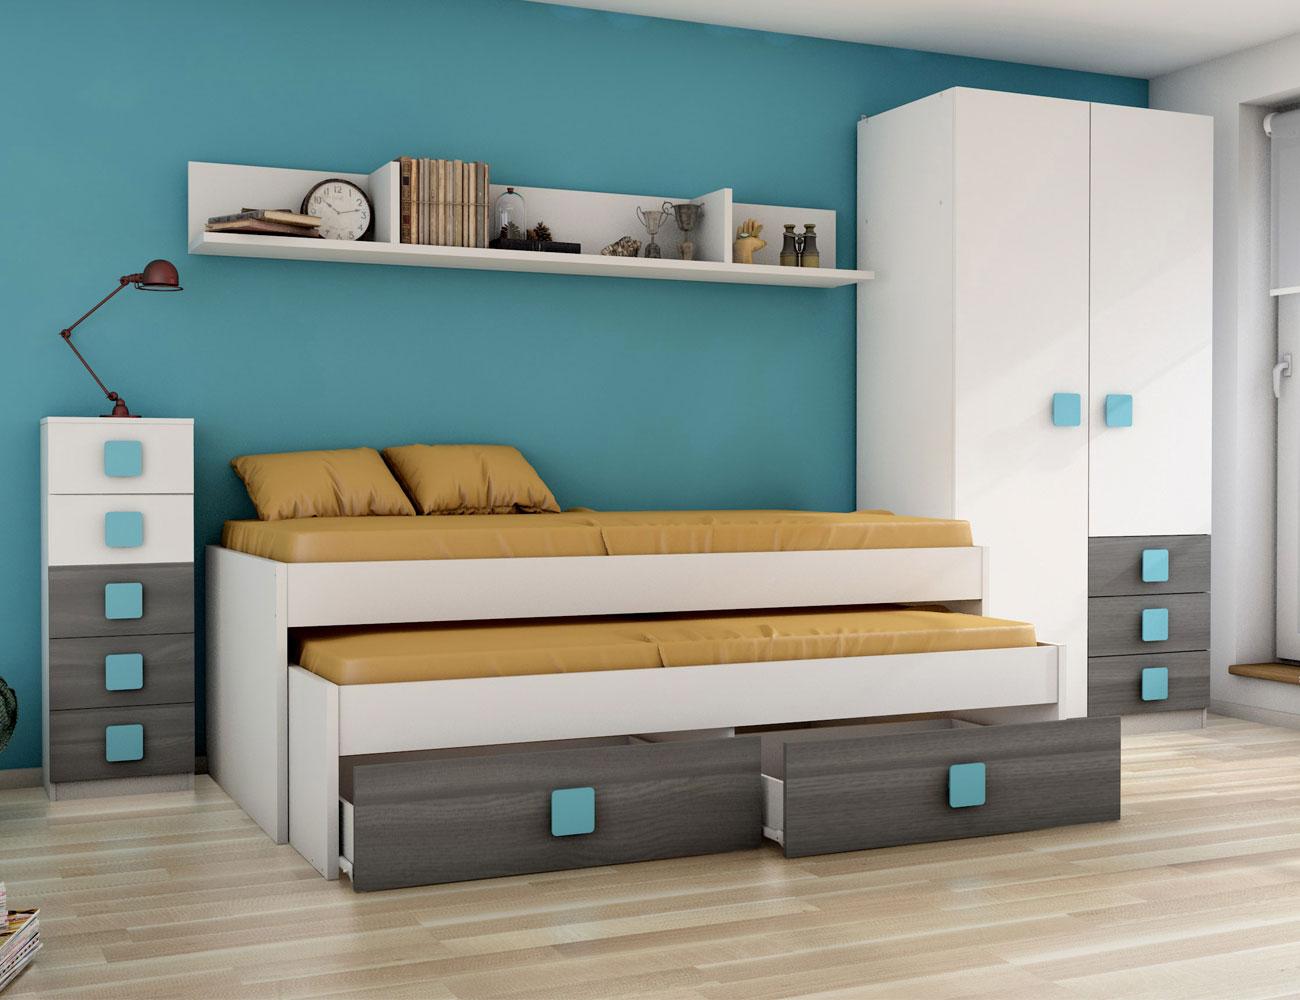 Dormitorio juvenil grafito ceniza azul4